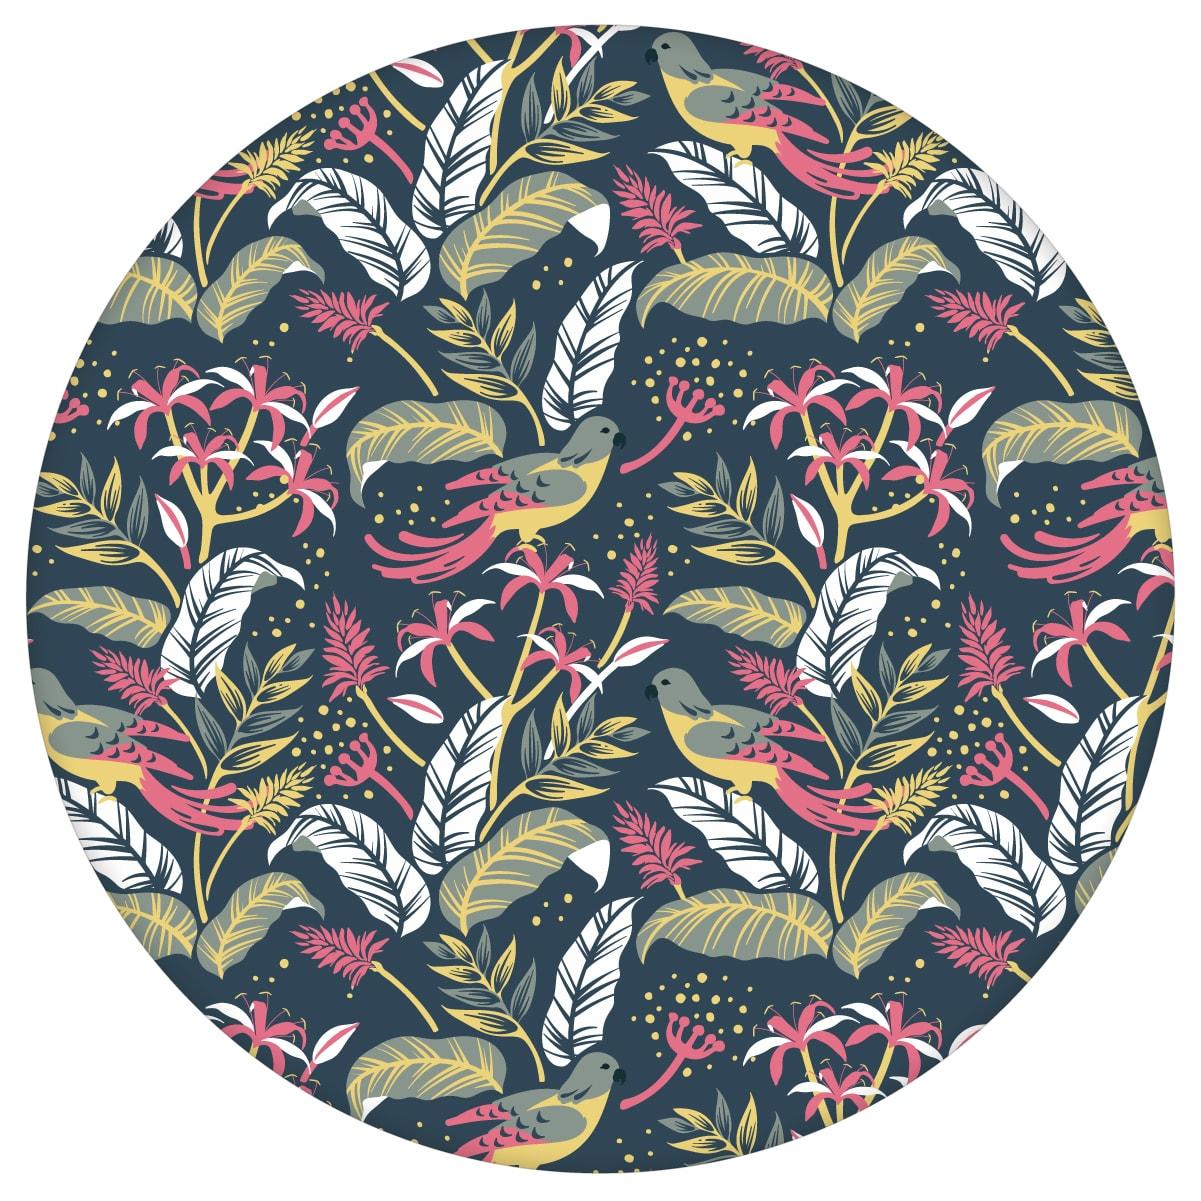 """Tropische Tapete """"Wild Birds"""" mit Dschungel Vögeln, petrol blaue Vlies-Tapete Wohnakzent für Wohnzimmeraus dem GMM-BERLIN.com Sortiment: blaue Tapete zur Raumgestaltung: #00175 #Blätter #Blaue Tapete #dschungel #Papagei #petrol #Tier Tapete #tiere #tropisch #voegel #Wohnzimmer für individuelles Interiordesign"""